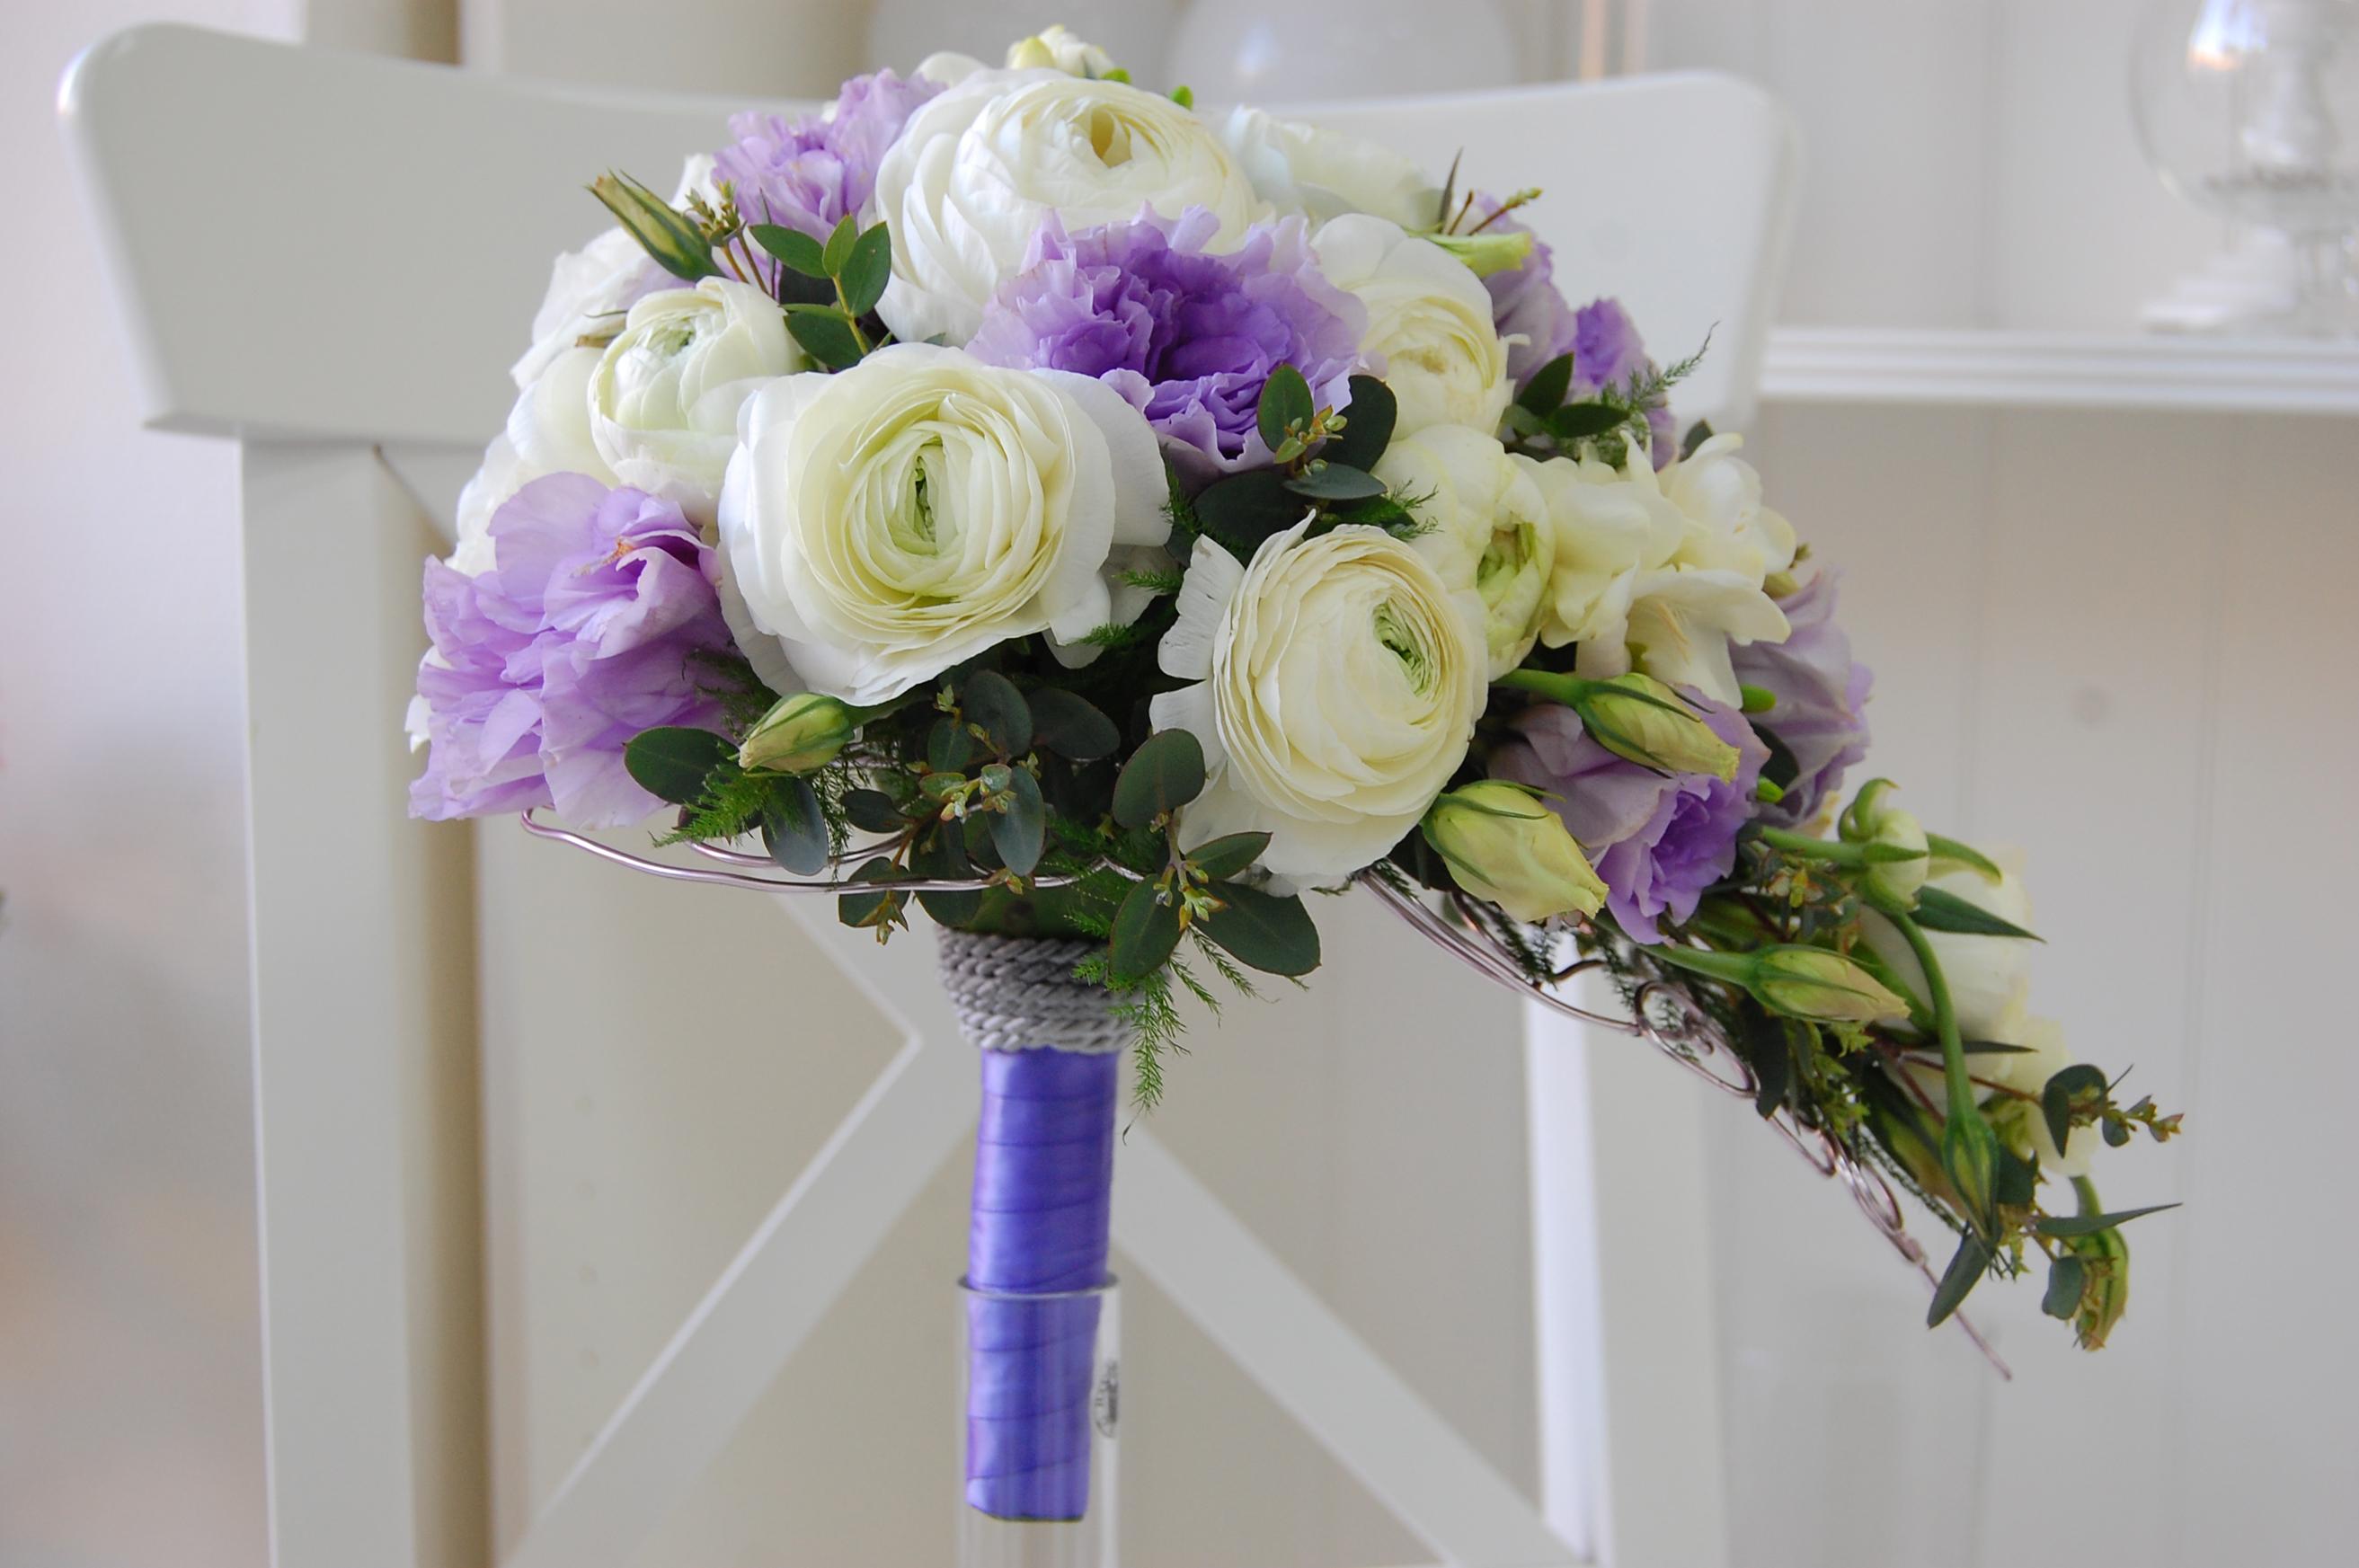 Каскадный букет из фрезии и ранункулюса, цветы